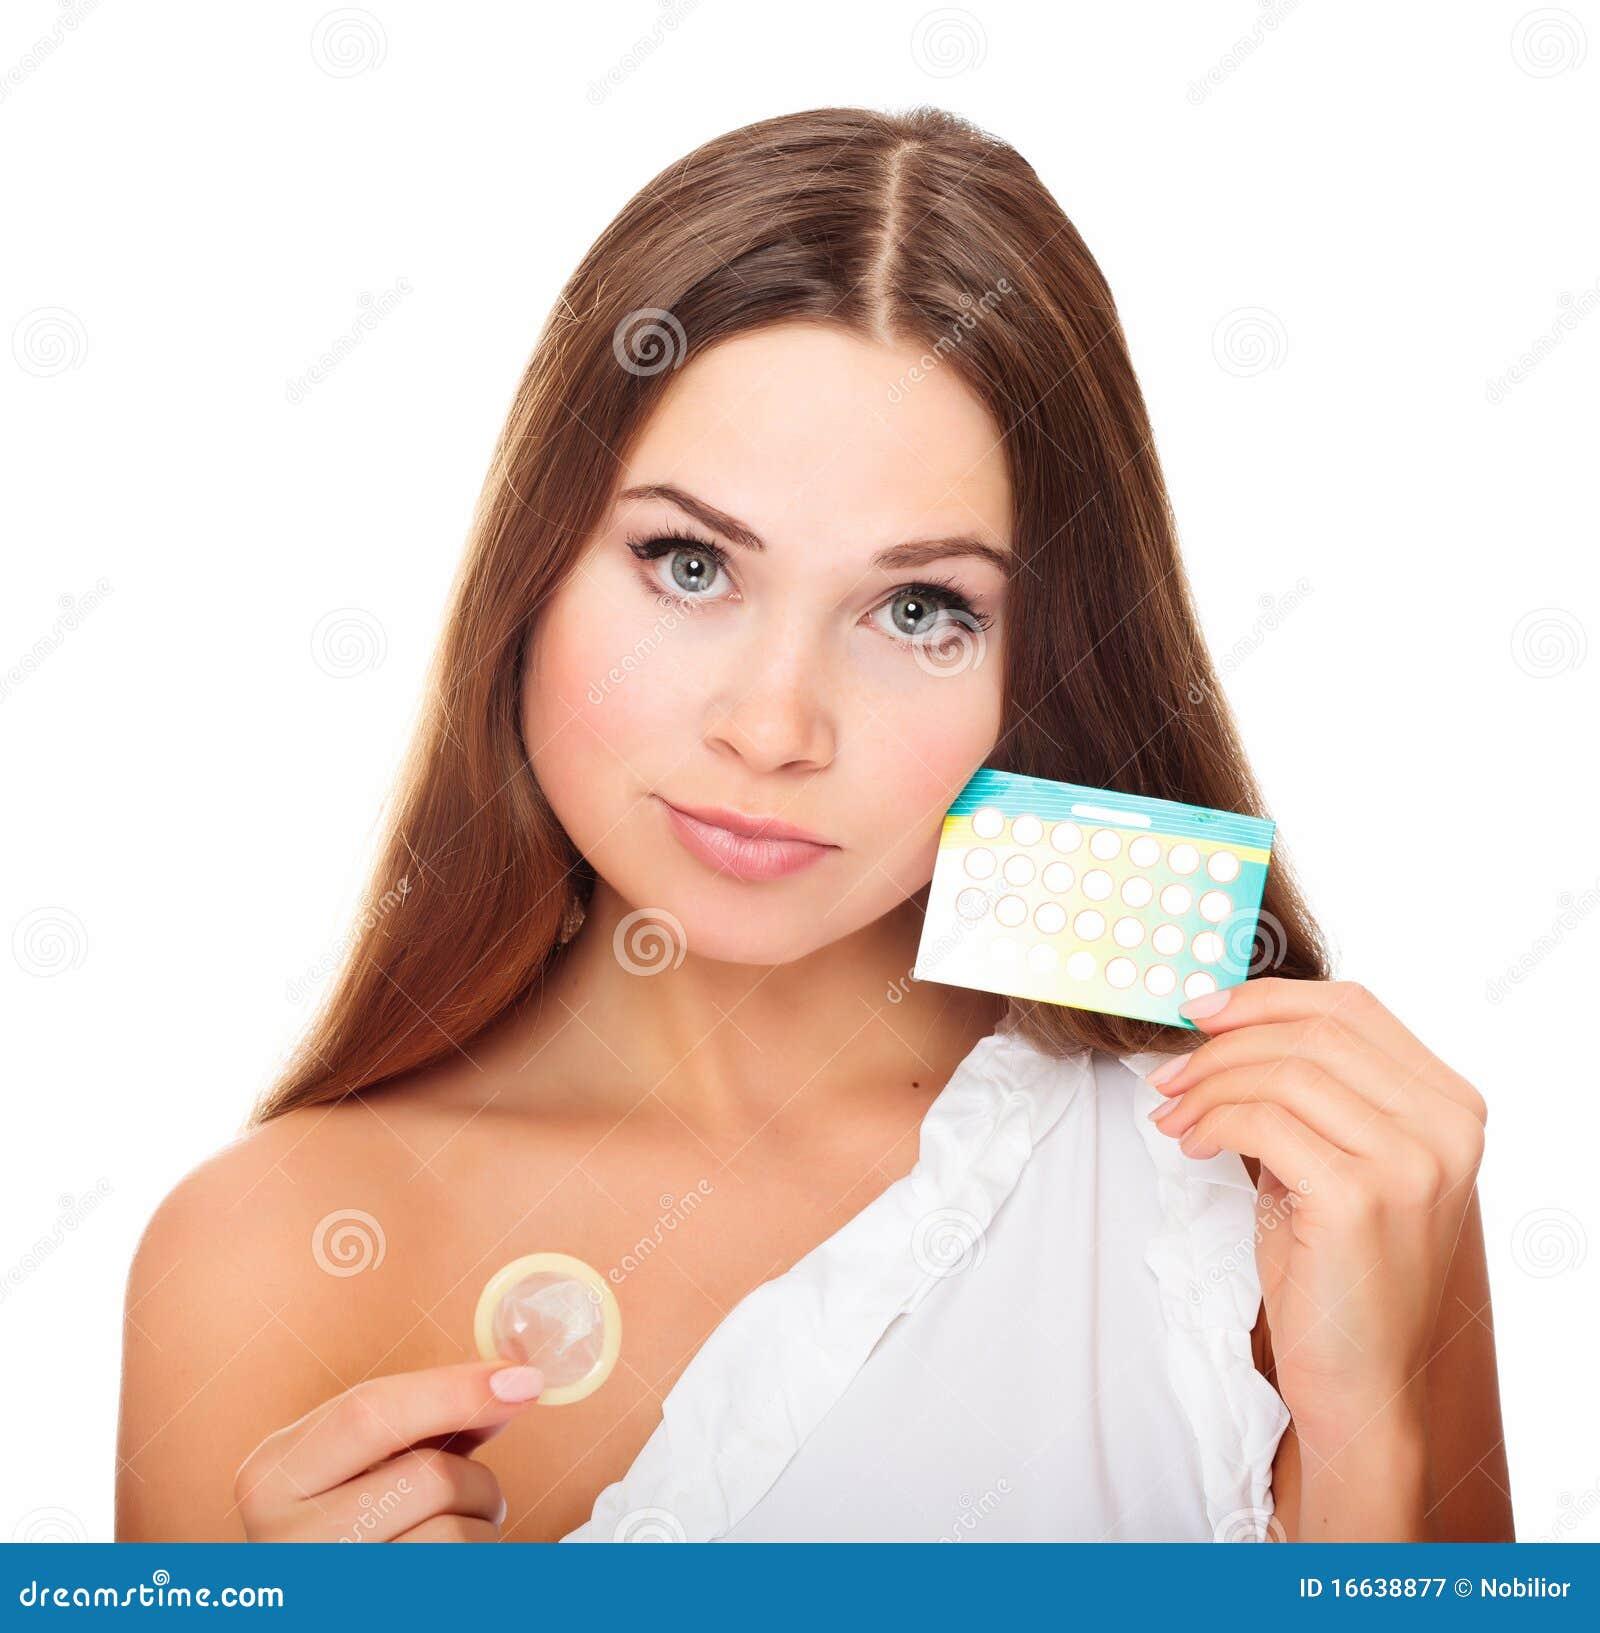 Чем вредны презервативы для женщин 18 фотография